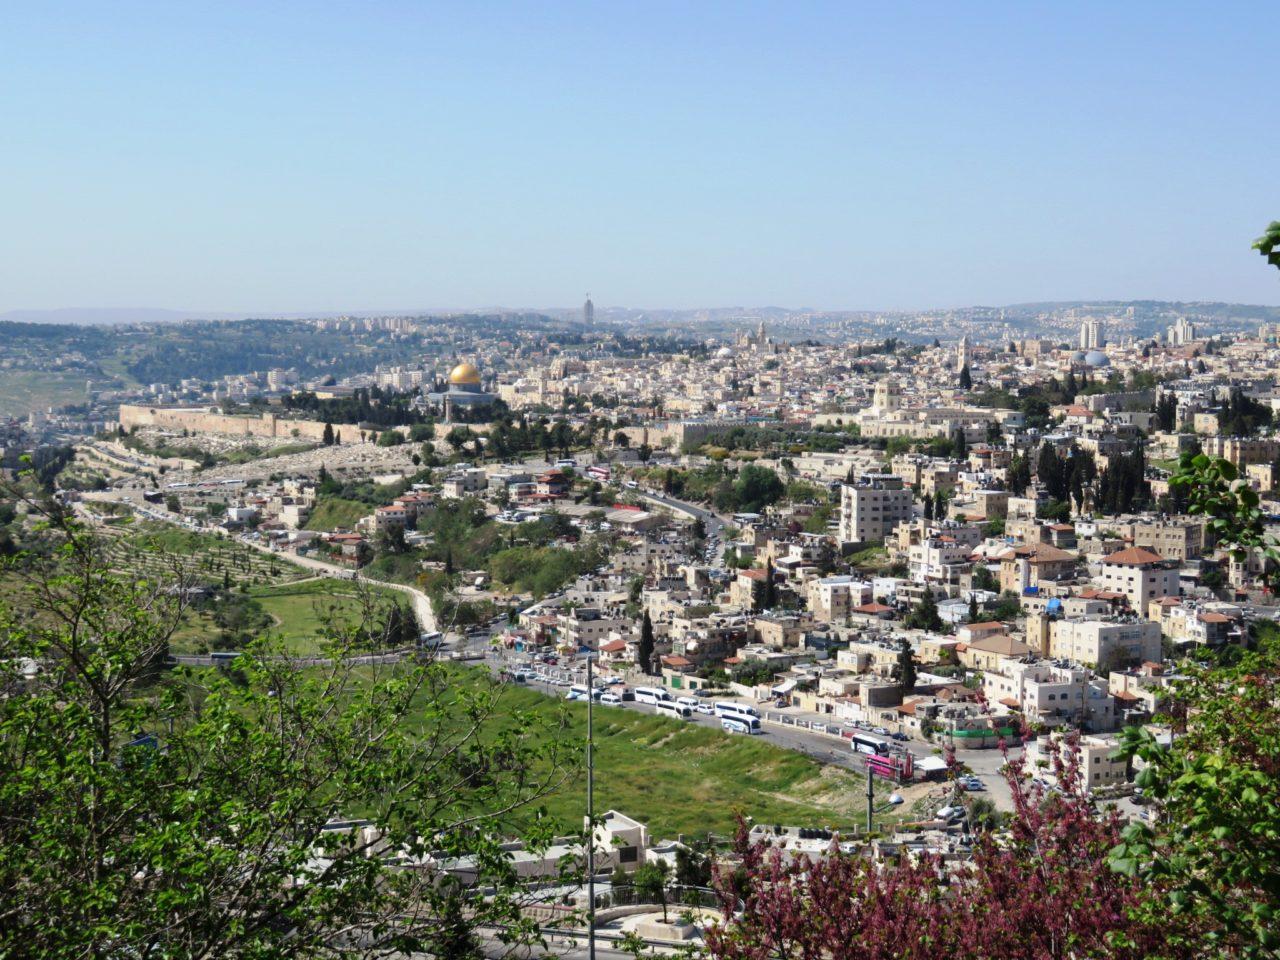 Vacationing in Israel ... Jerusalem